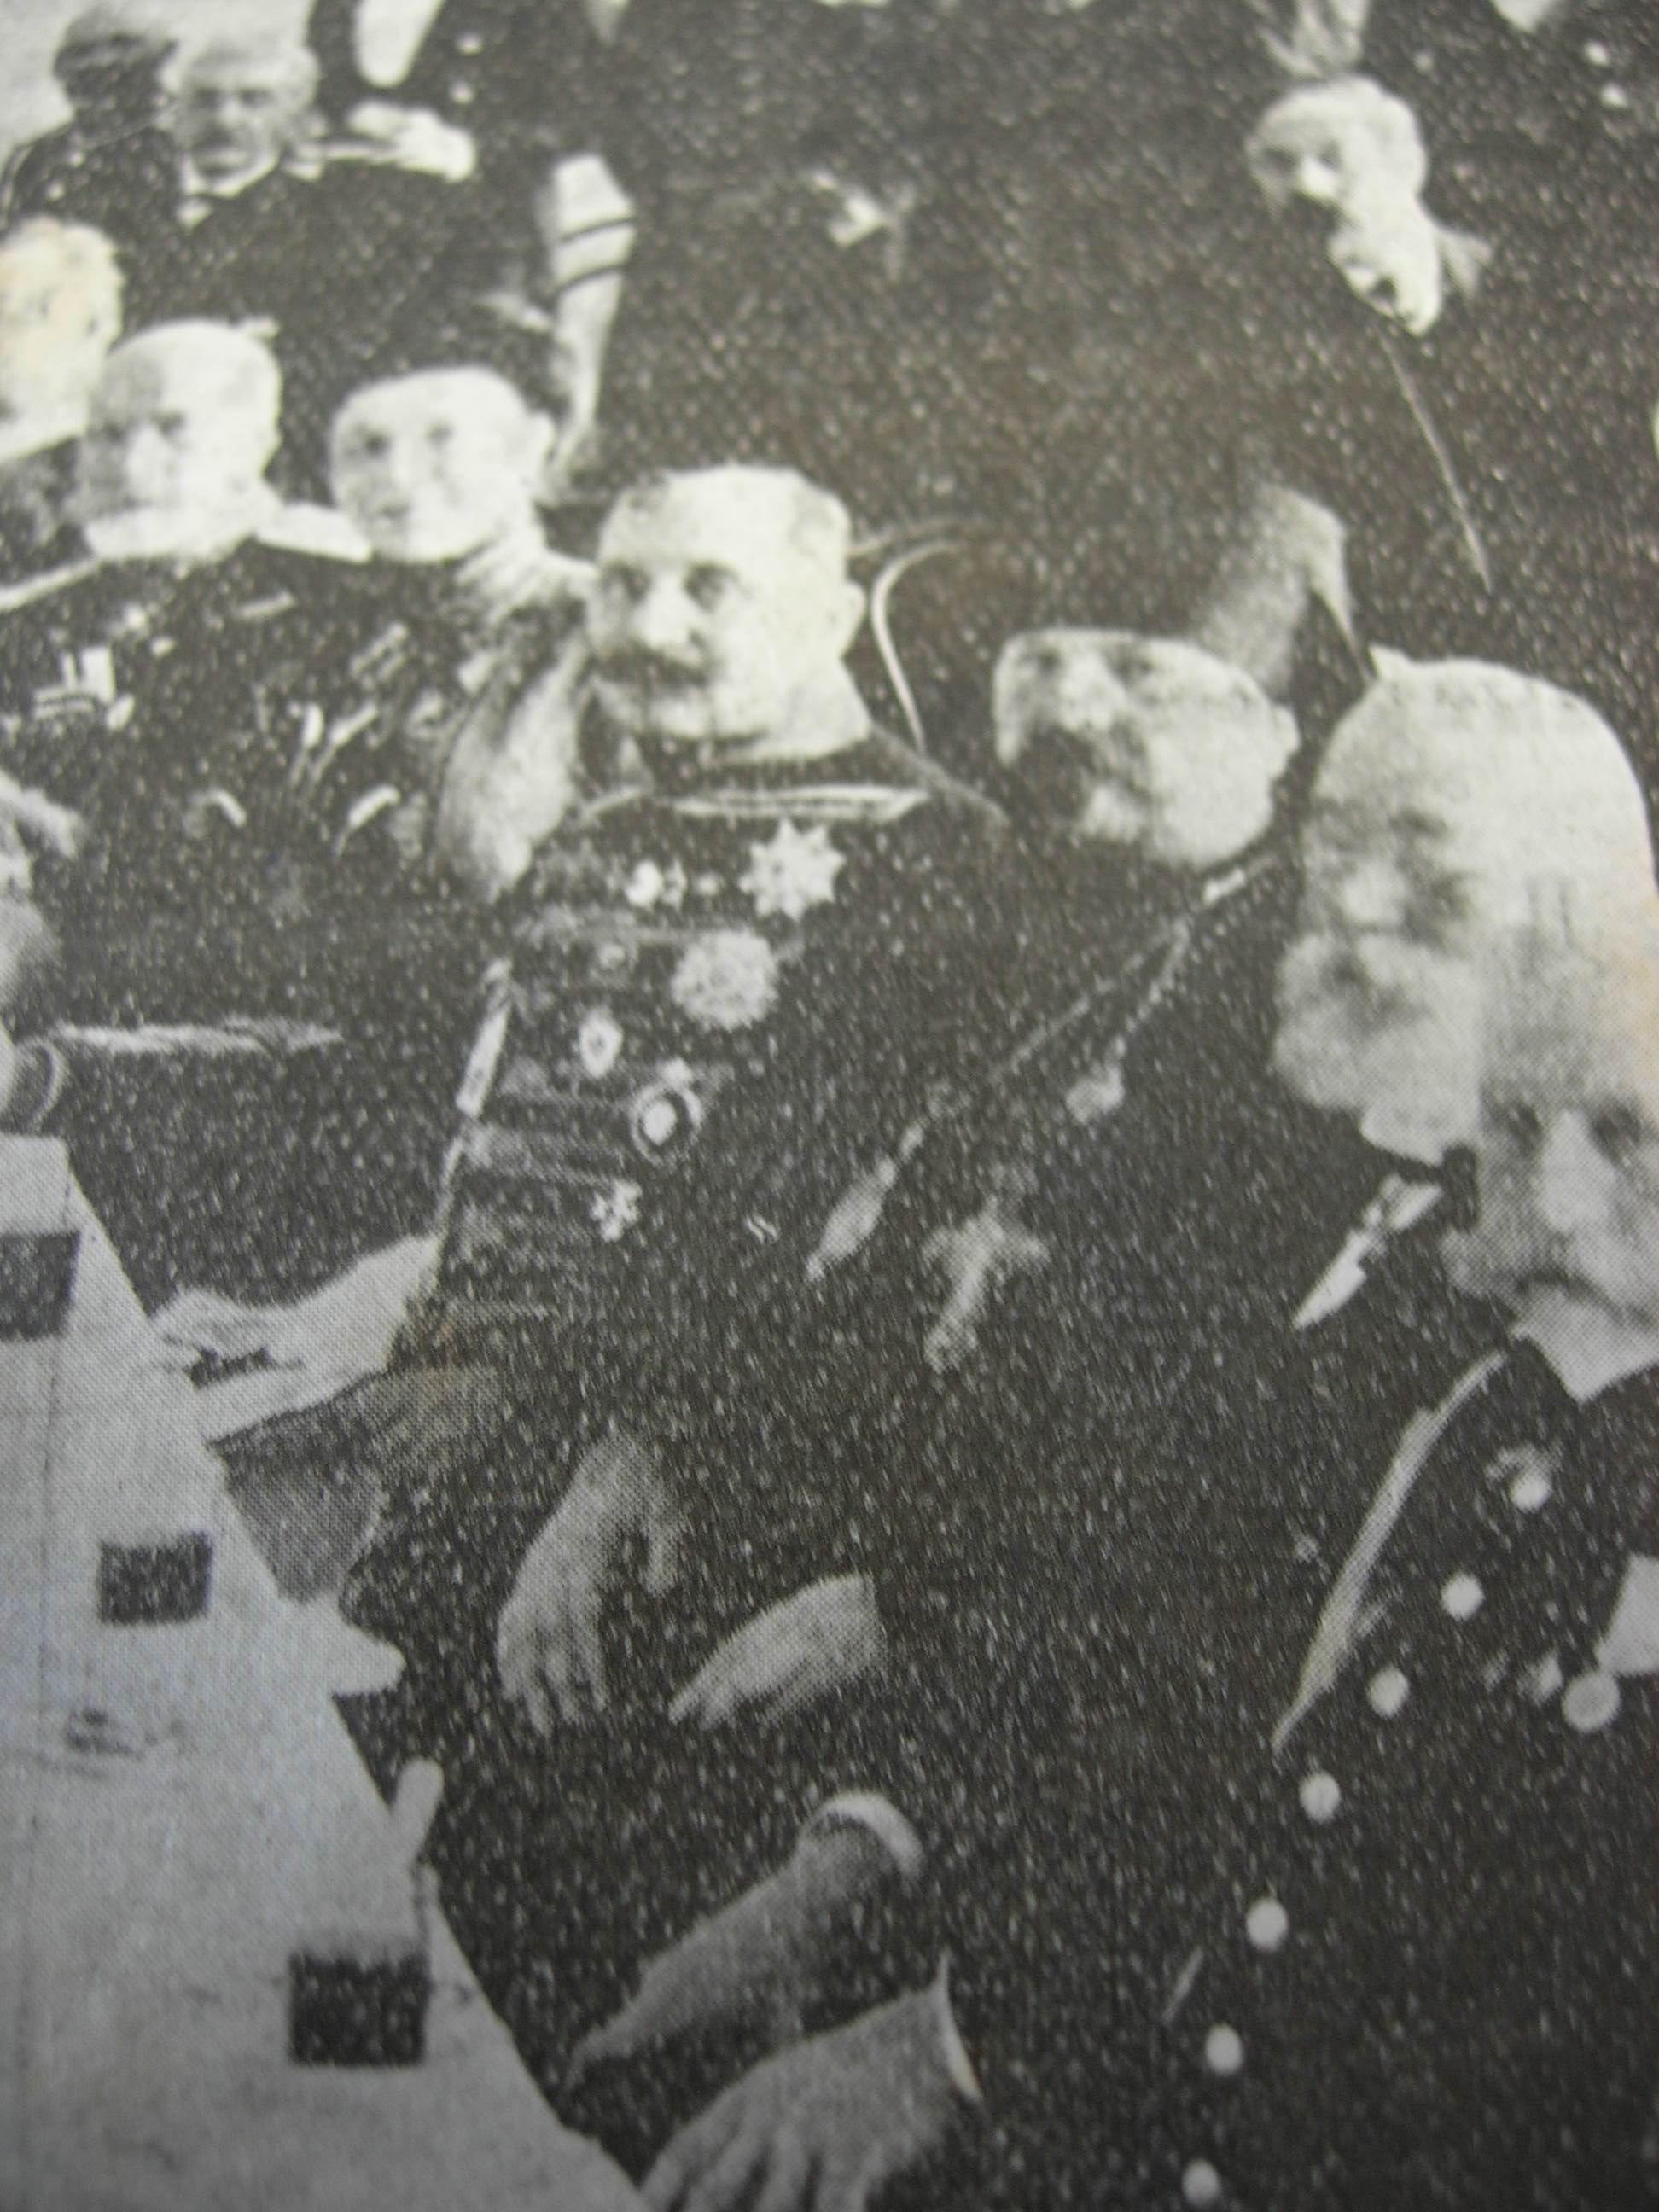 Епископ Досифей (Протопопов) и саратовский губернатор П.П. Стремоухов